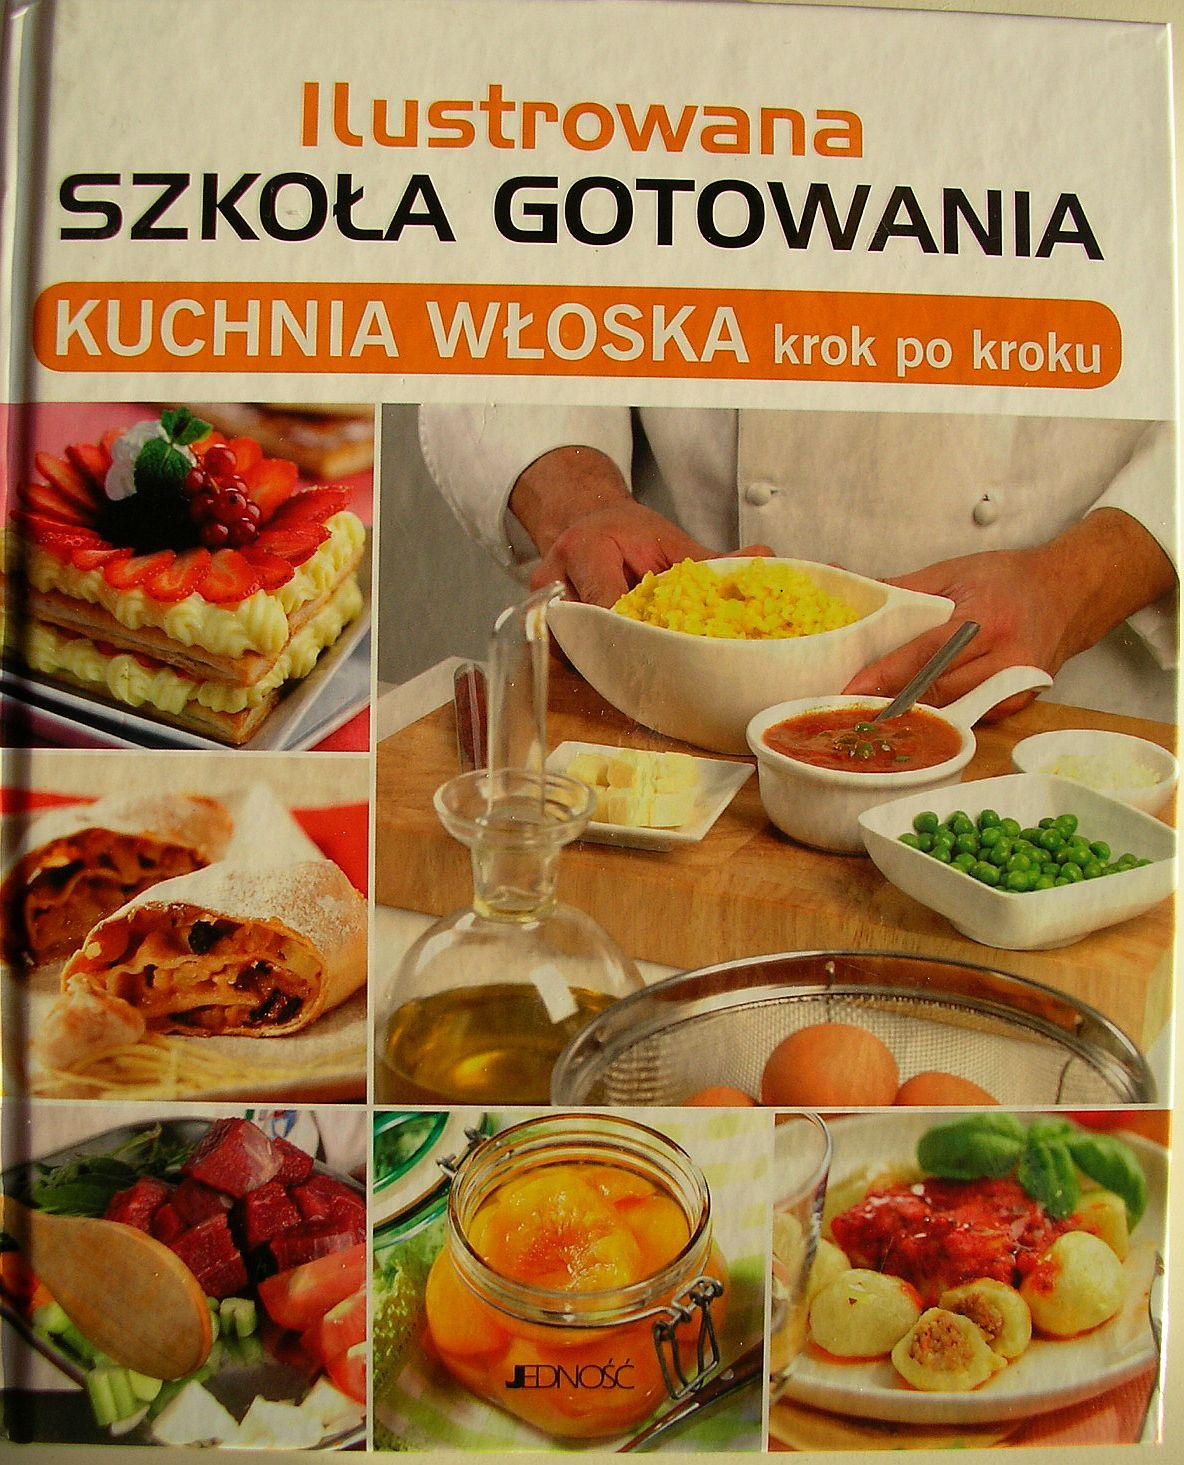 Kuchnia szeroko otwarta  Ilustrowana szkoła gotowania   -> Kuchnia Kaflowa Krok Po Kroku